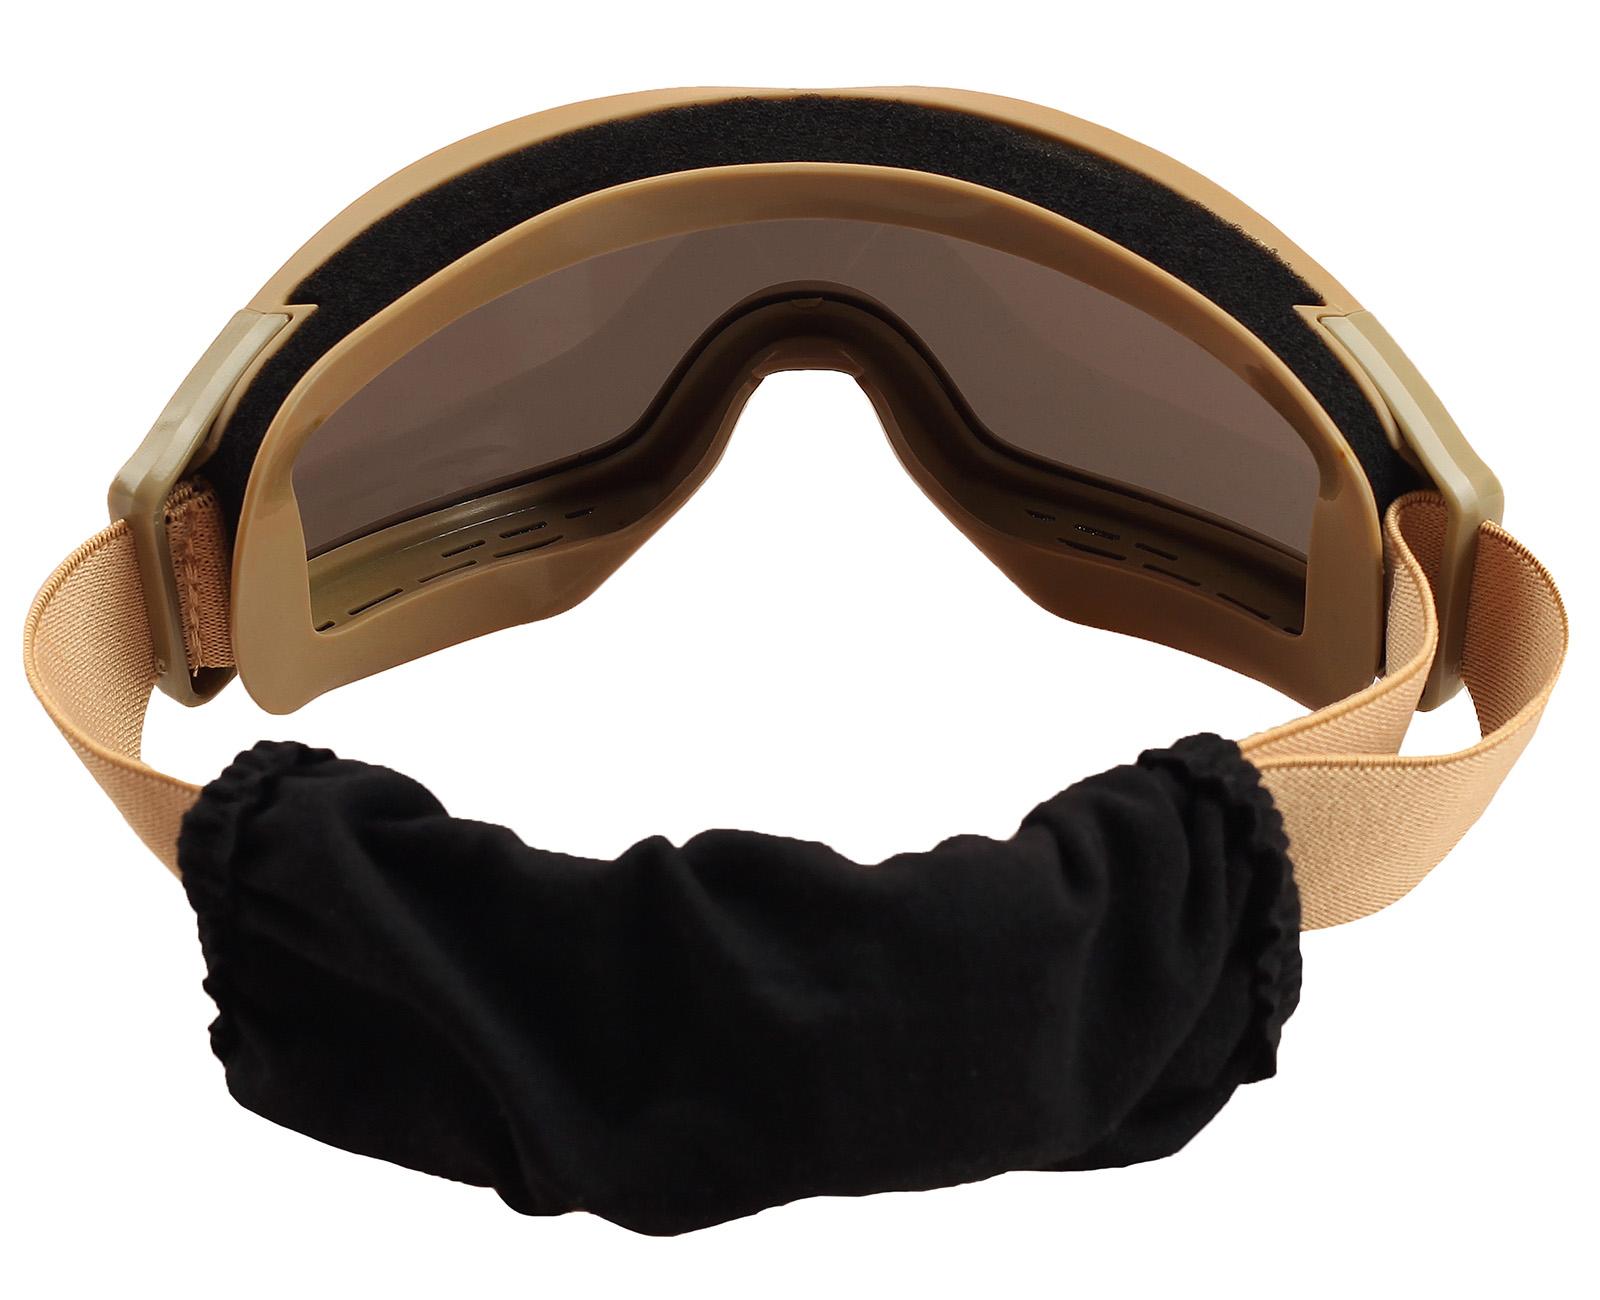 Купить лучшие тактические очки хаки-песок по лояльной цене